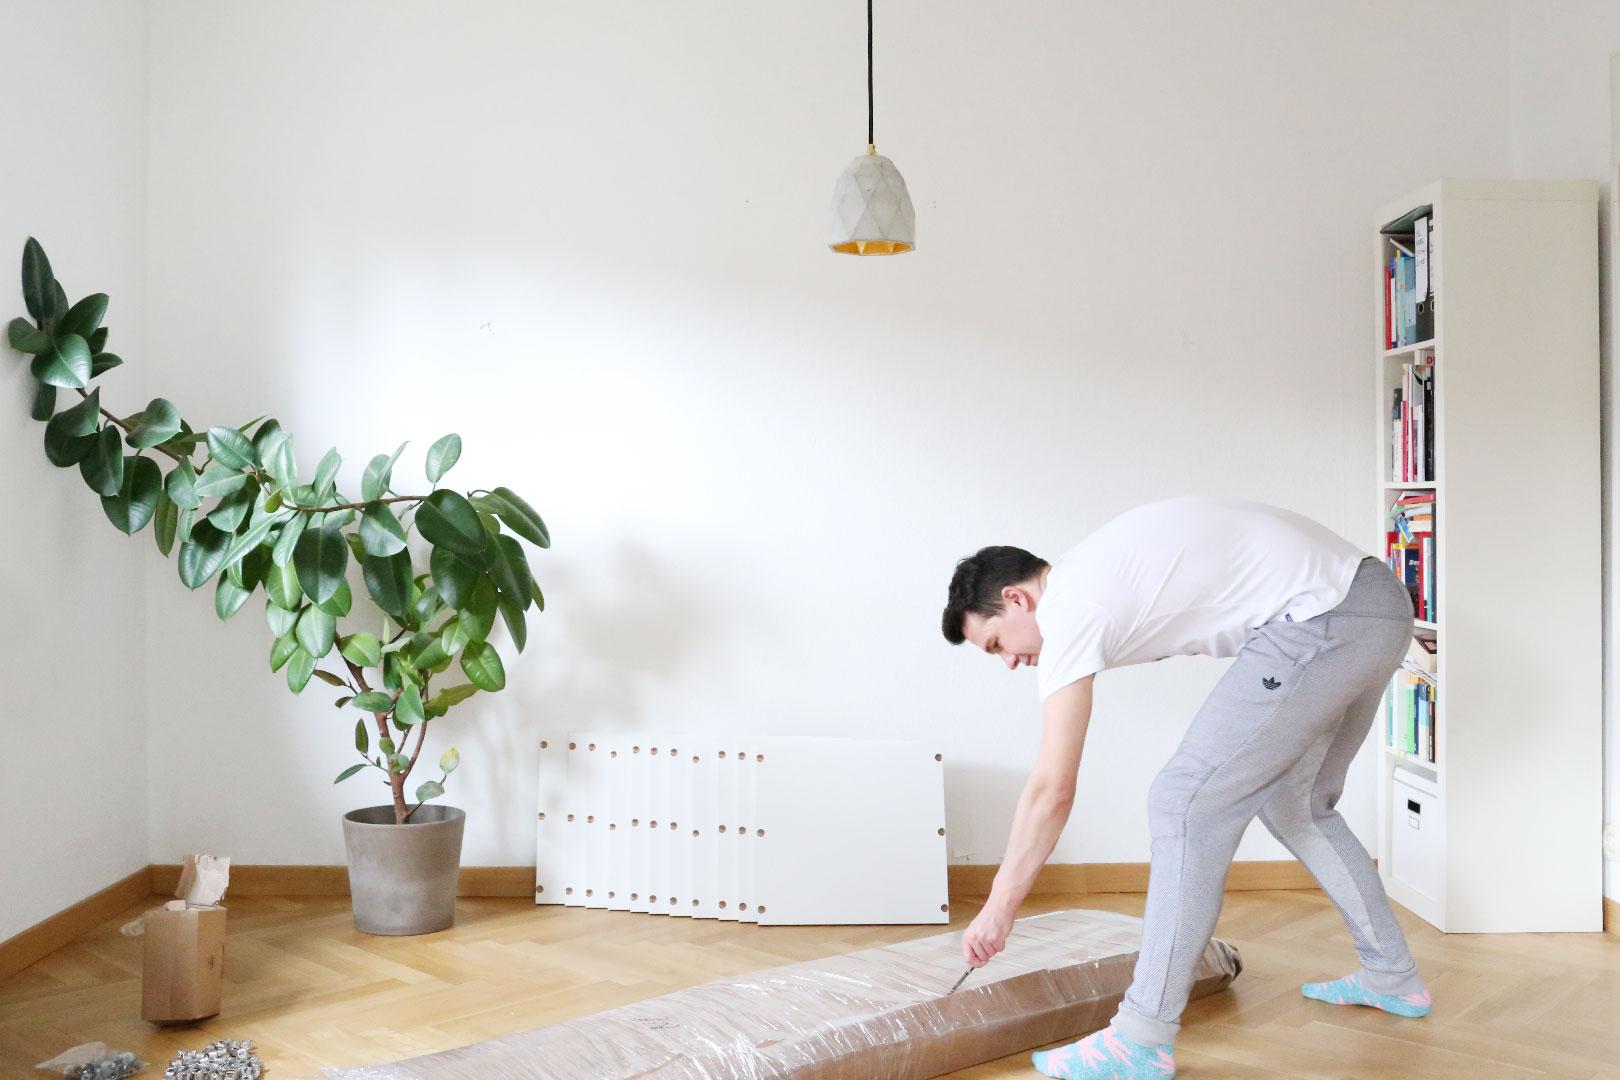 Möbel nach Maß von Pickawood